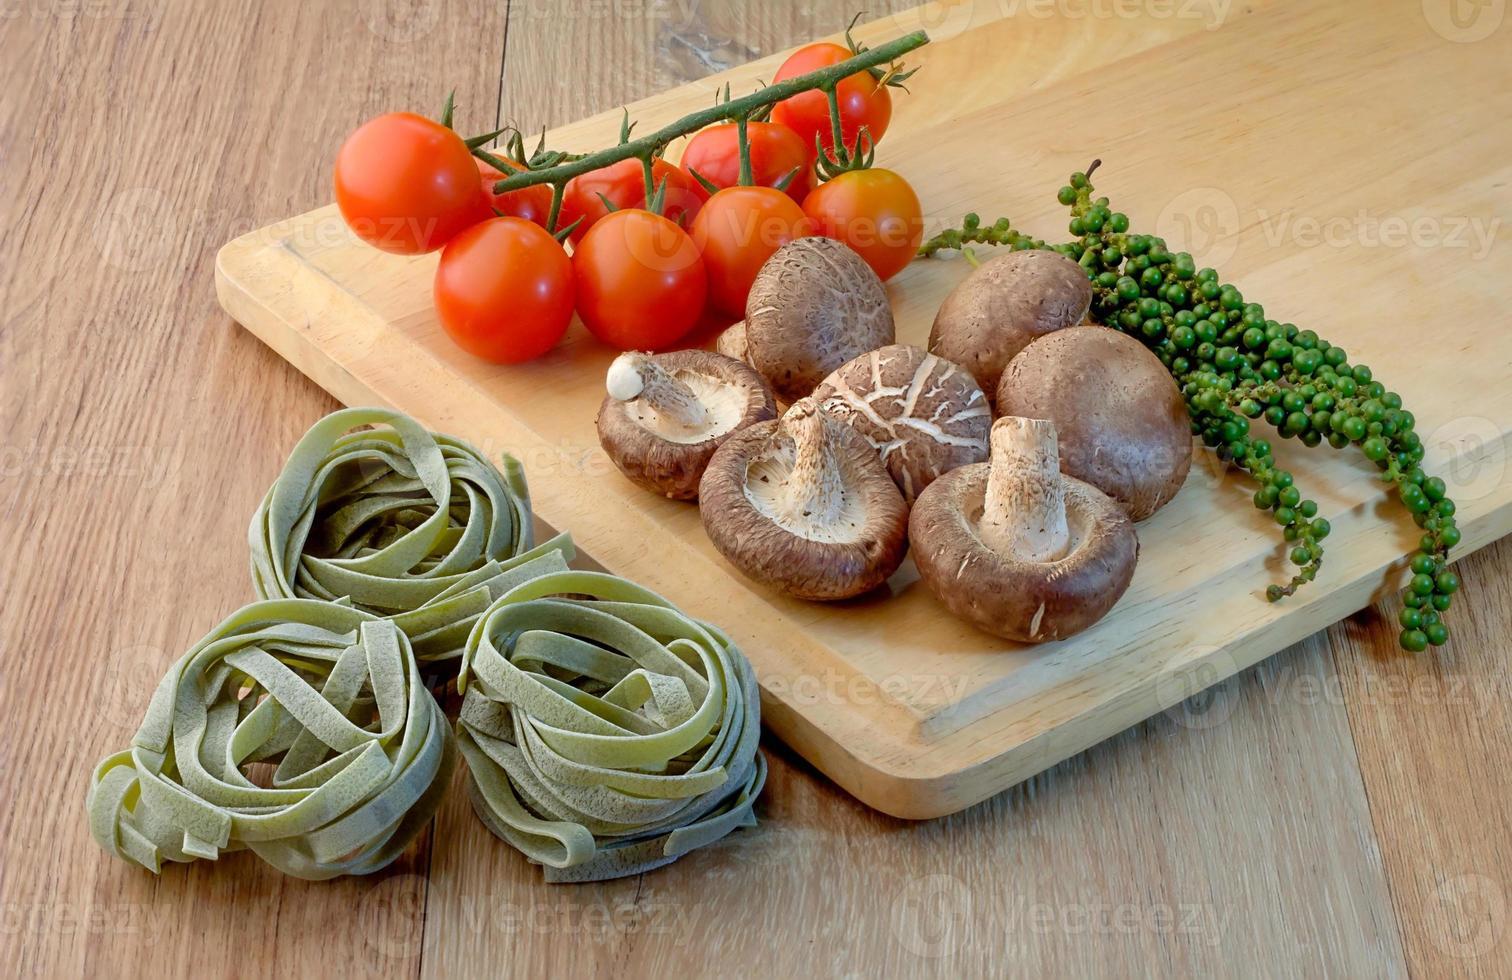 pasta fresca preparada con ingrediente saludable.jpg foto